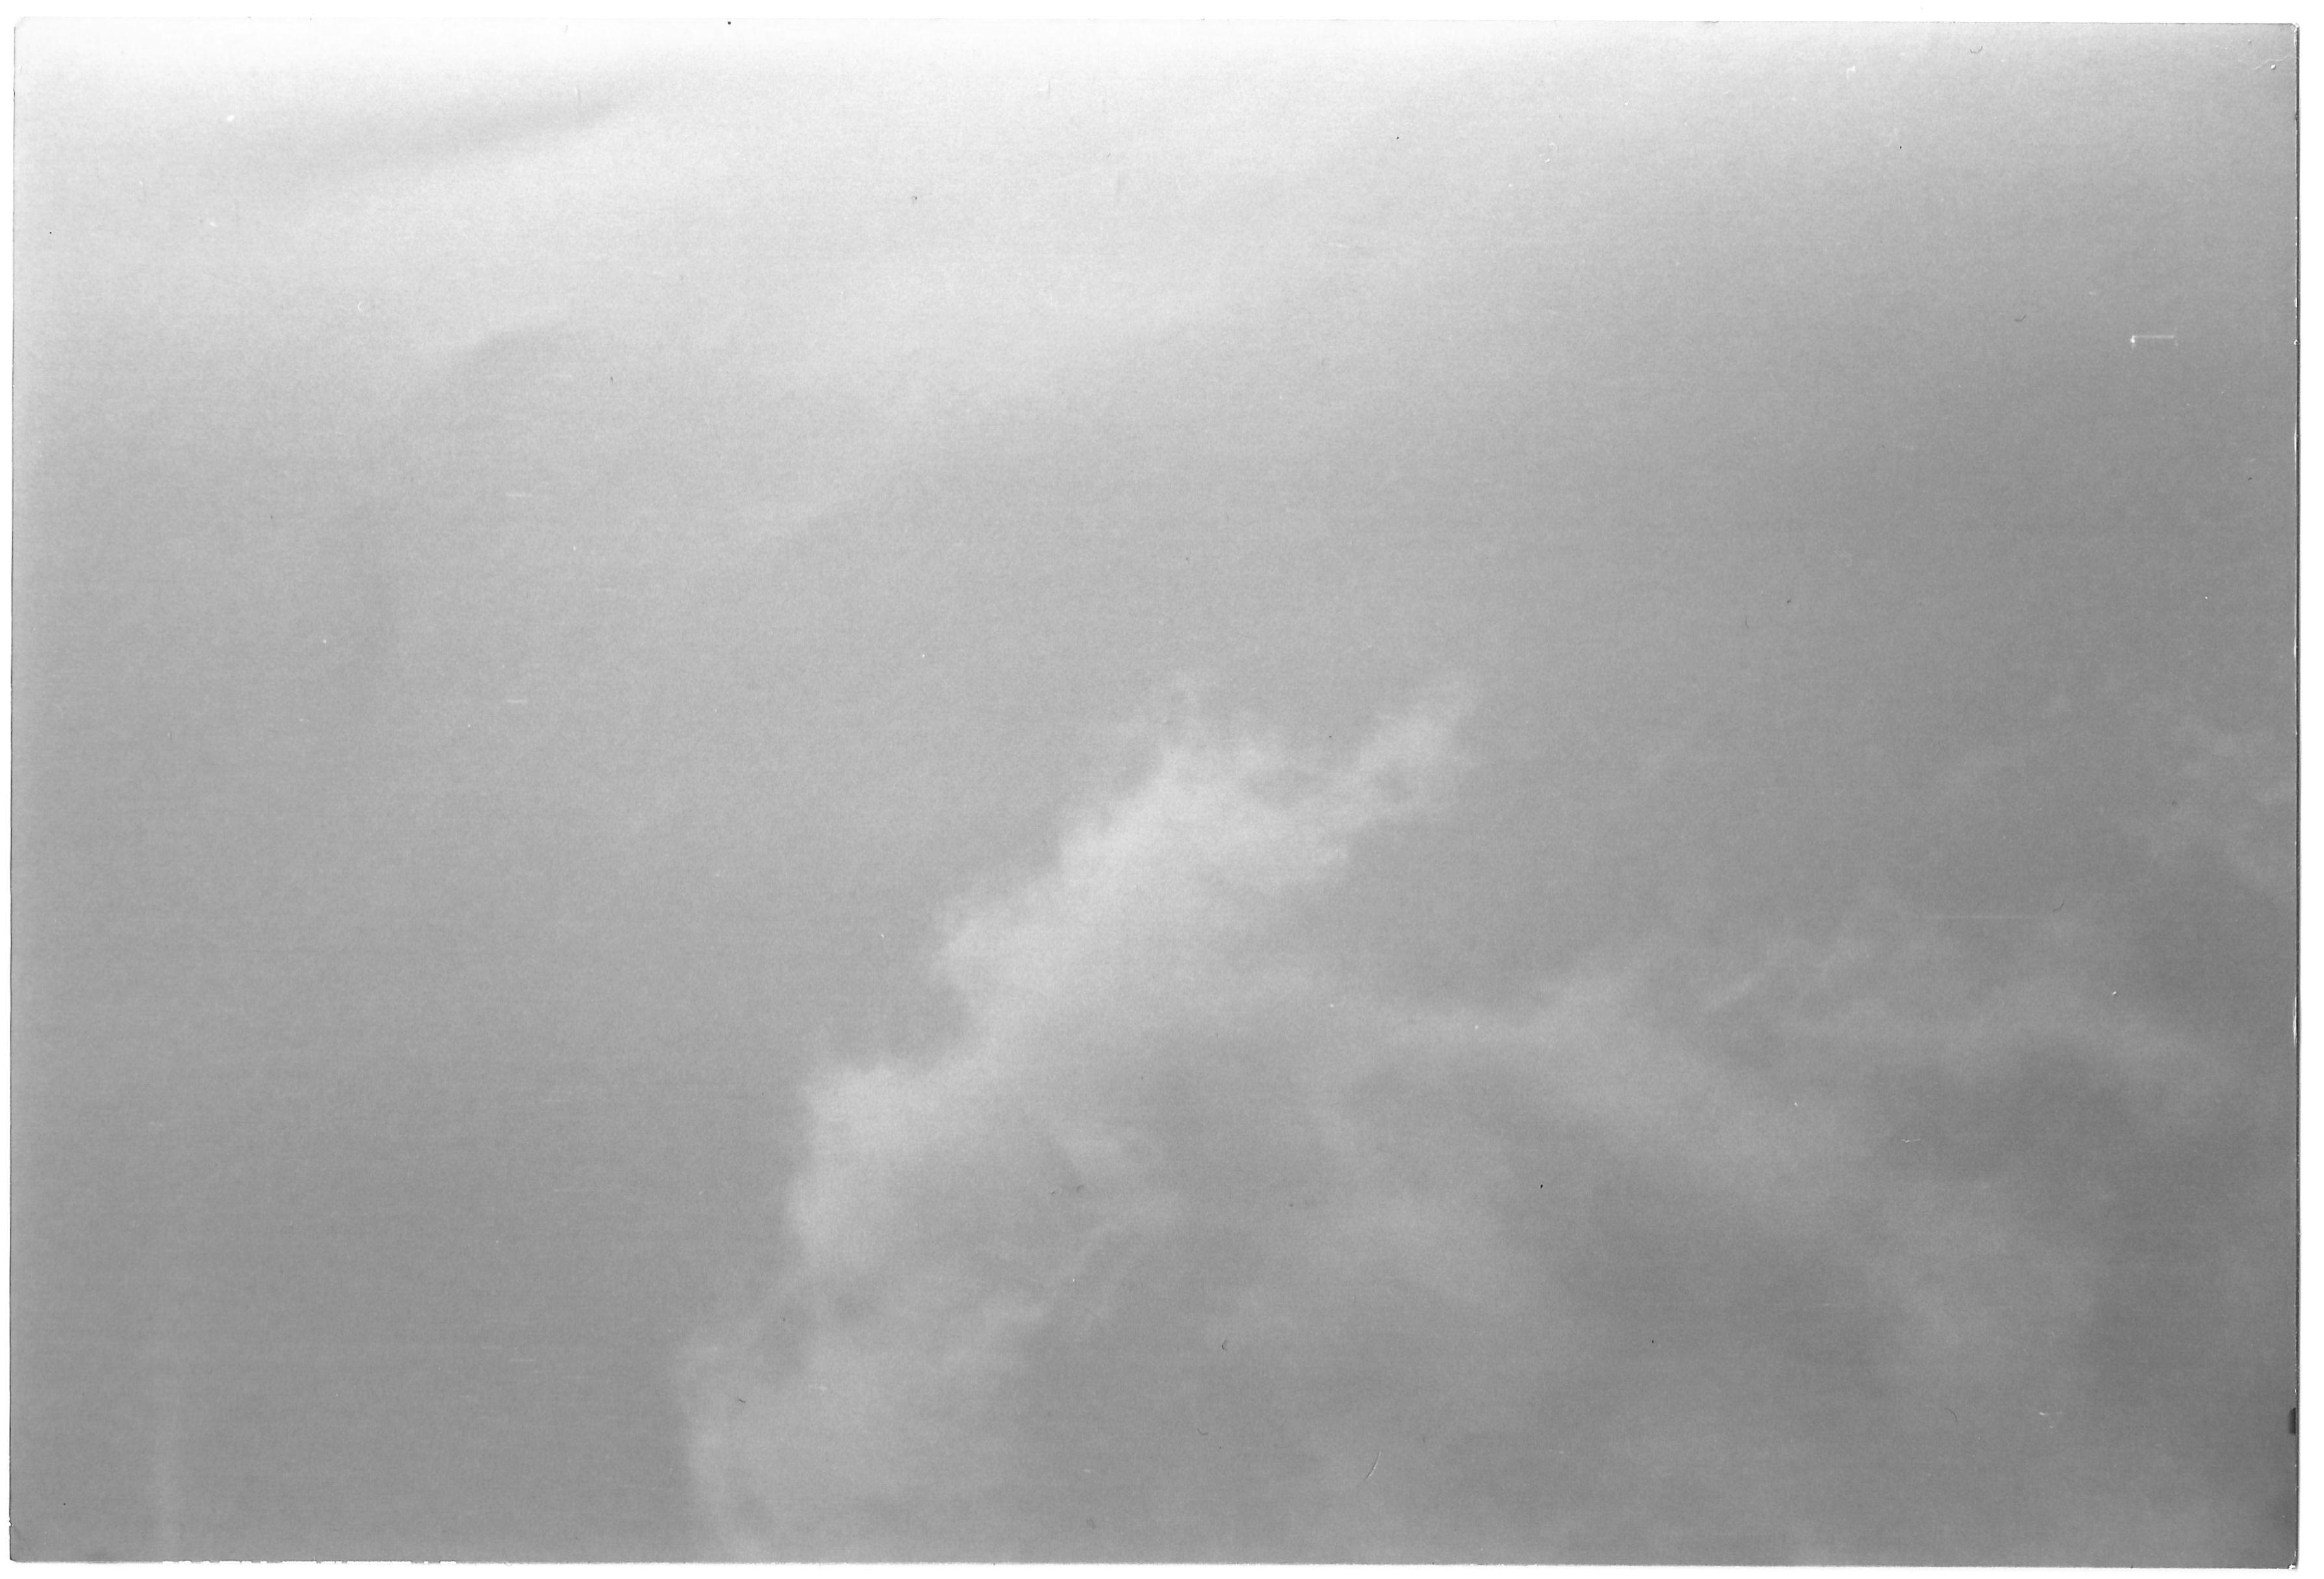 2002: le 01/08 à 20 h 30 Ovni rectangulaire volant entre Sisteron et Le Poet (04) - Page 2 SISTERON__04__01.08.2002__T-Cgei_Cm_P_O__temoin_photo